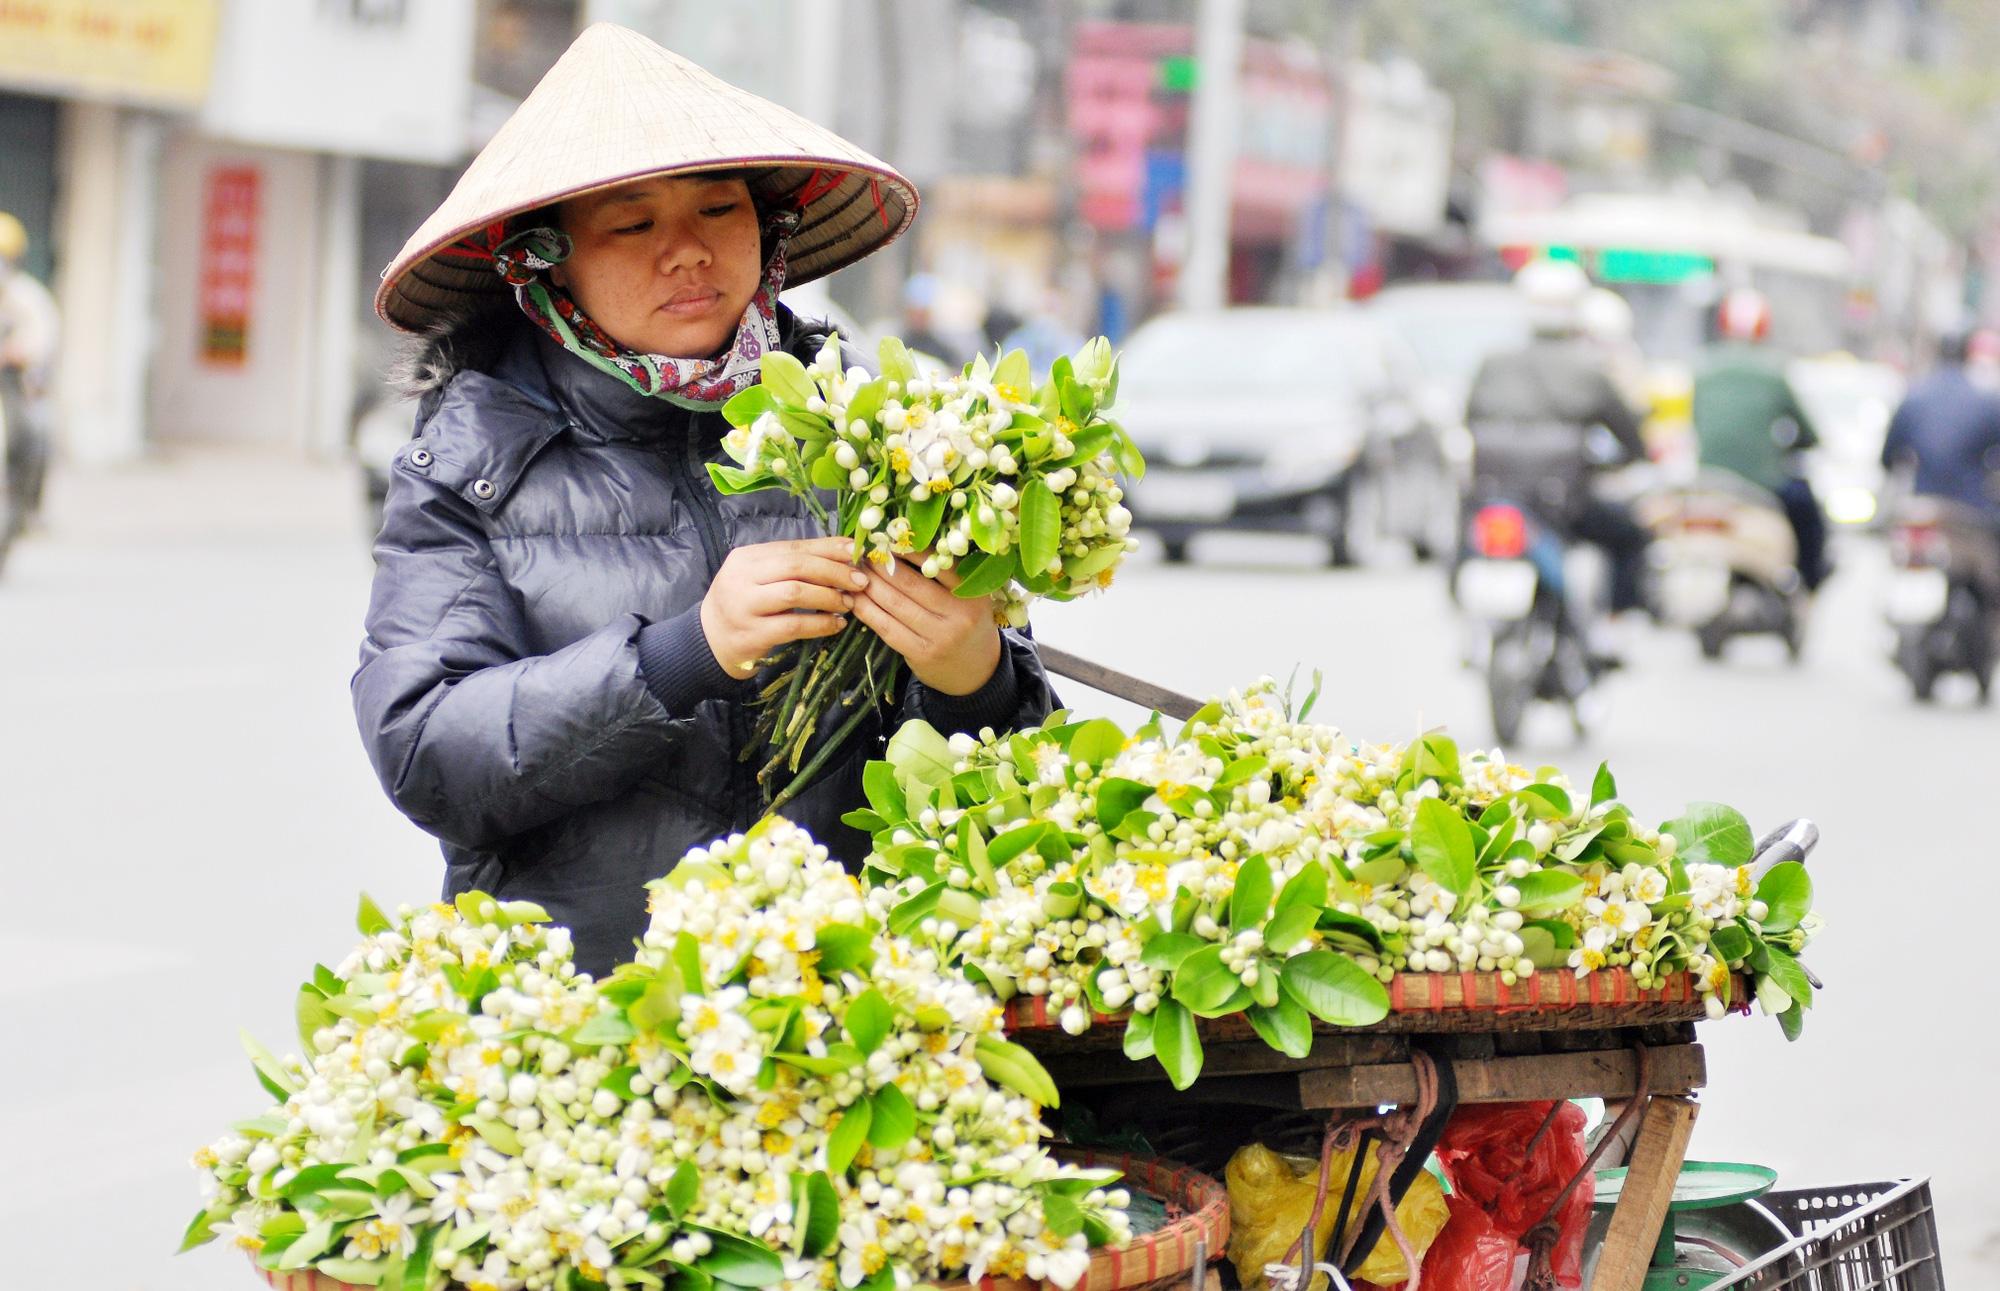 Đầu mùa gánh hoa bưởi xuống phố, giá hơn 300.000 đồng/kg vẫn đắt khách - Ảnh 6.